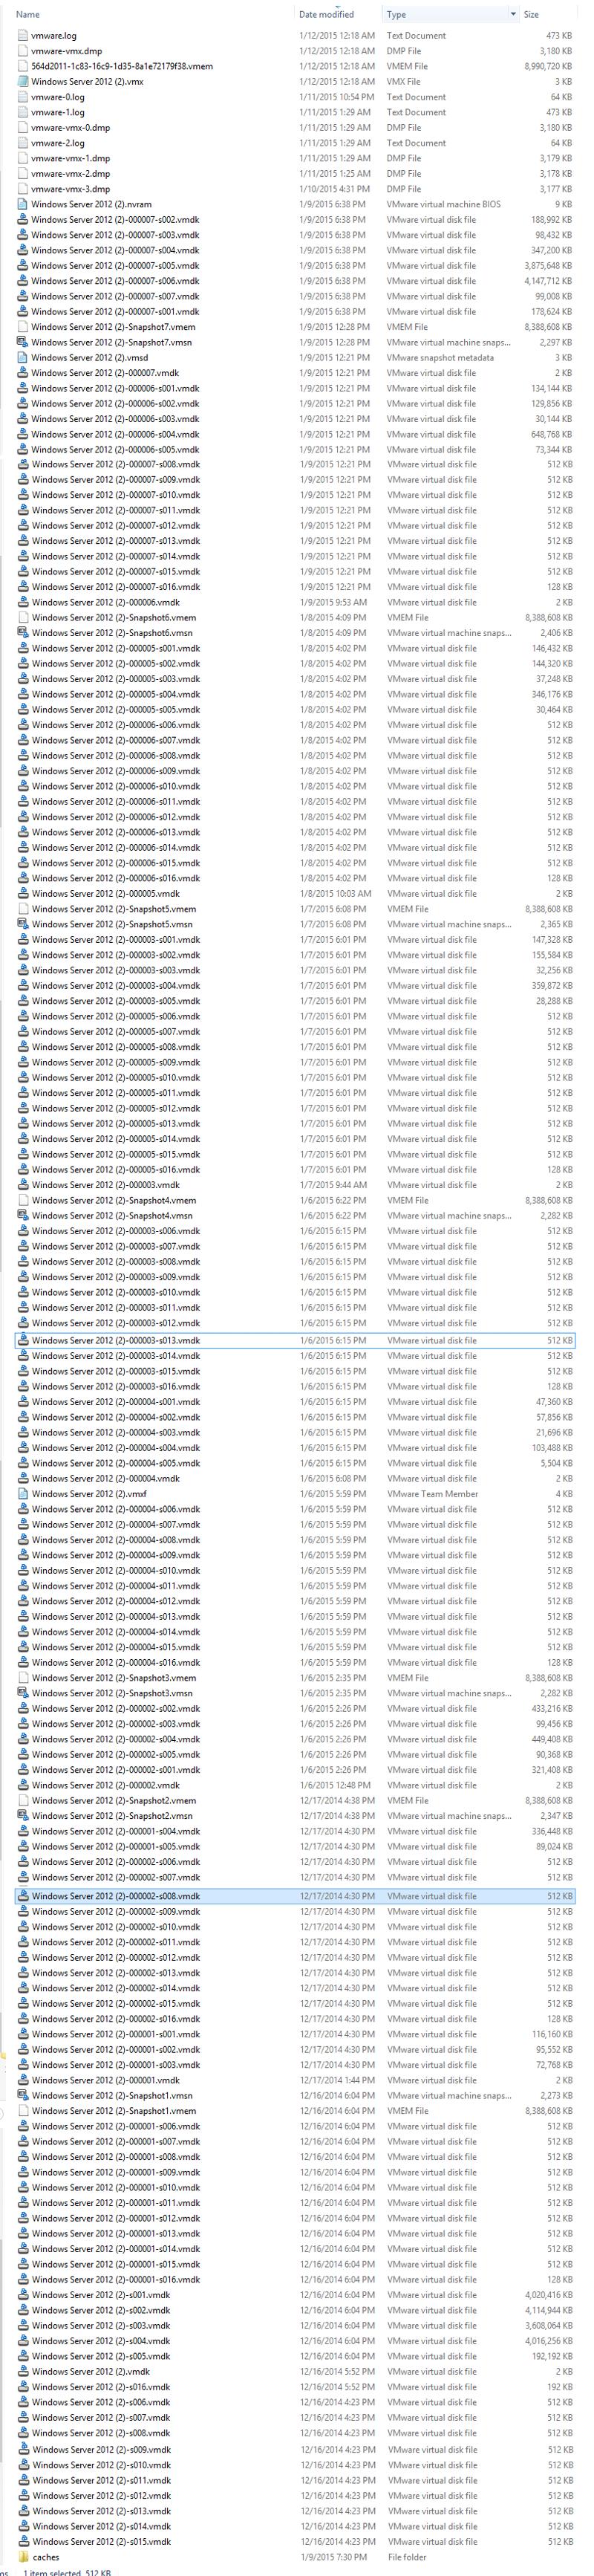 VM Folder Contents